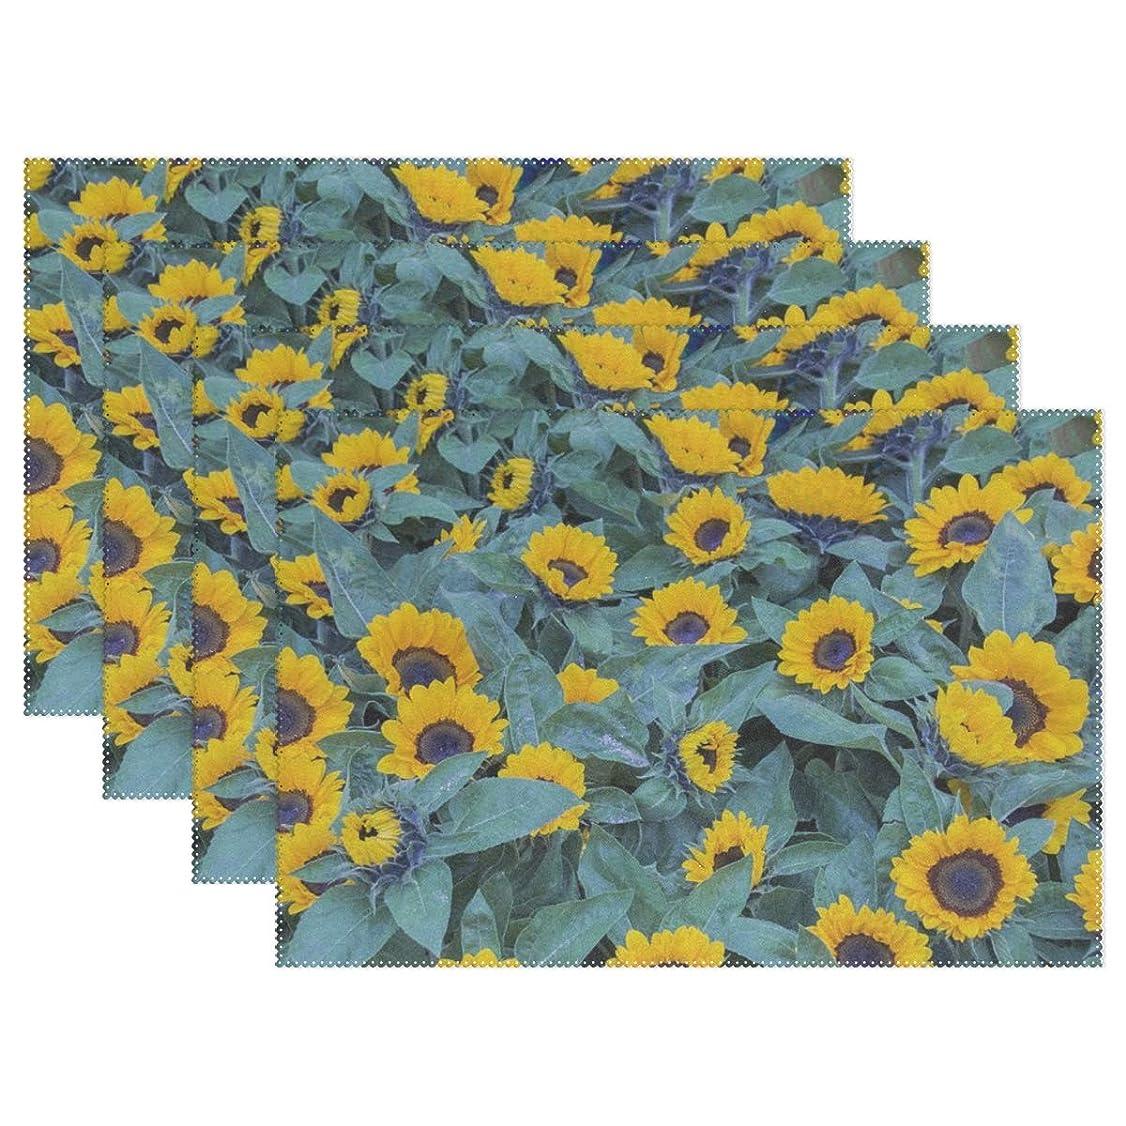 根絶する委託微生物Rhスタジオ場所マット花植物自然夏の庭プレートパッドセットの4洗える耐熱汚れ耐性食べるテーブルマットホームディナー装飾